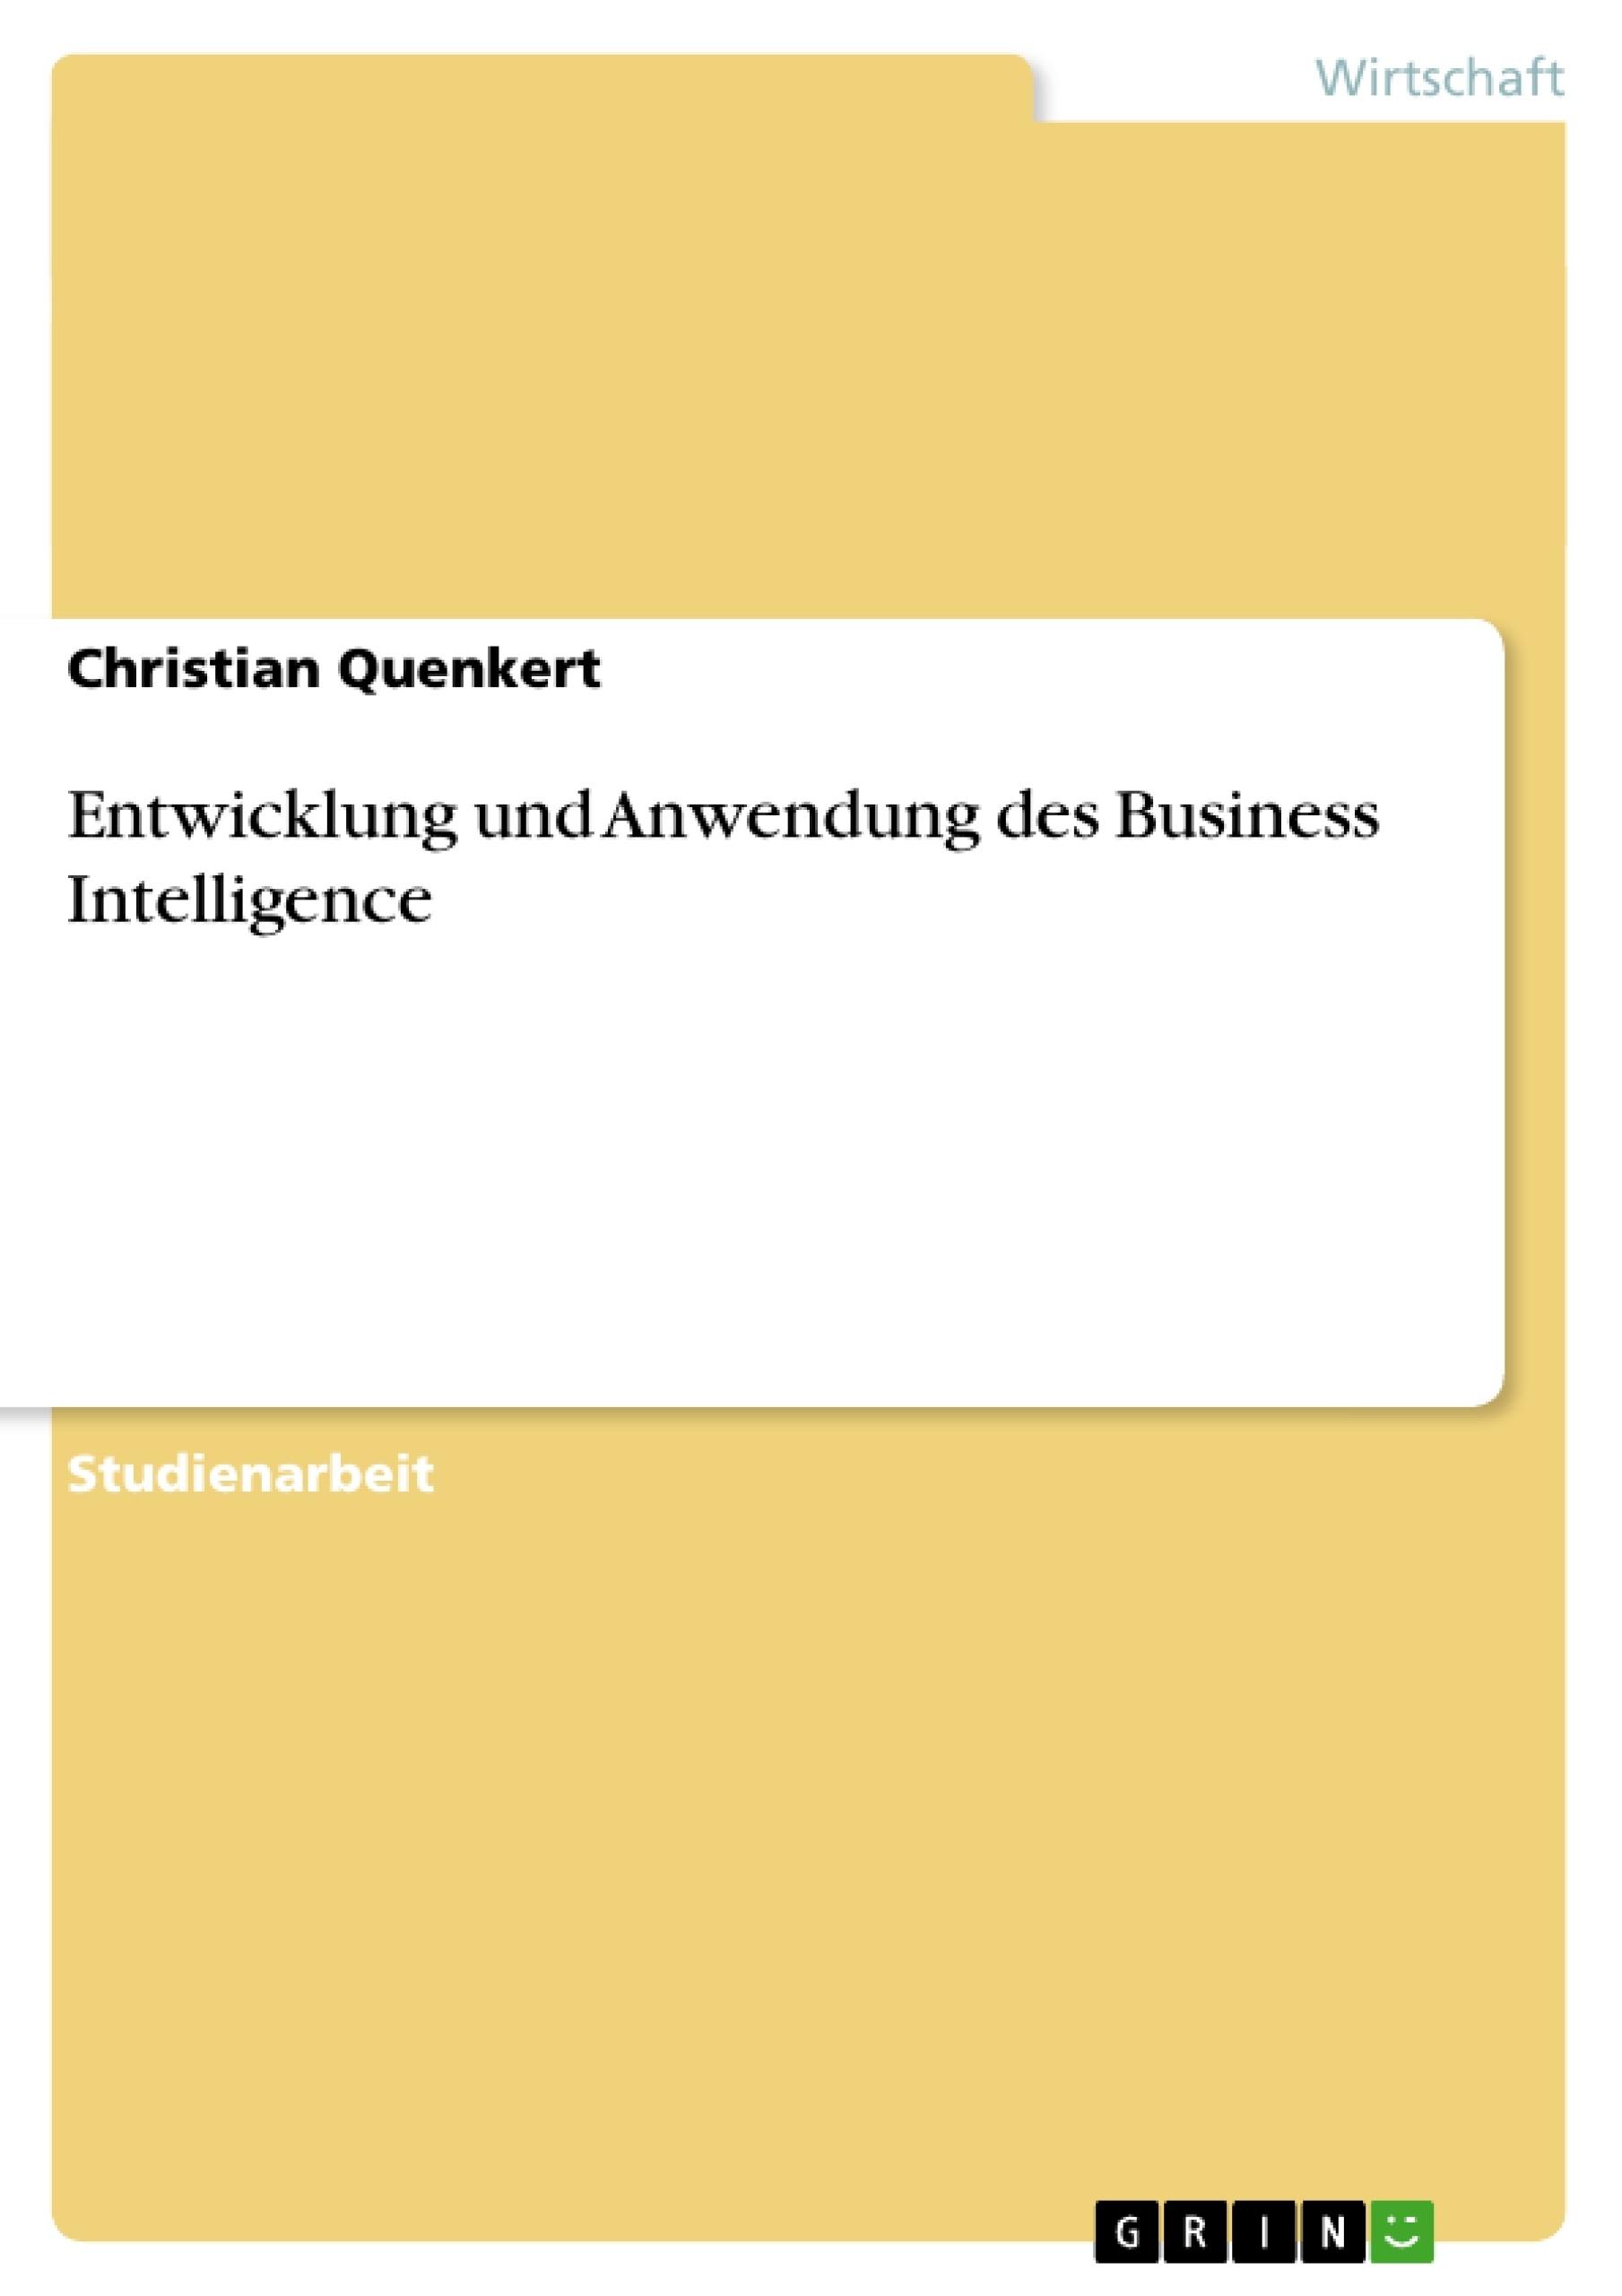 Titel: Entwicklung und Anwendung des Business Intelligence